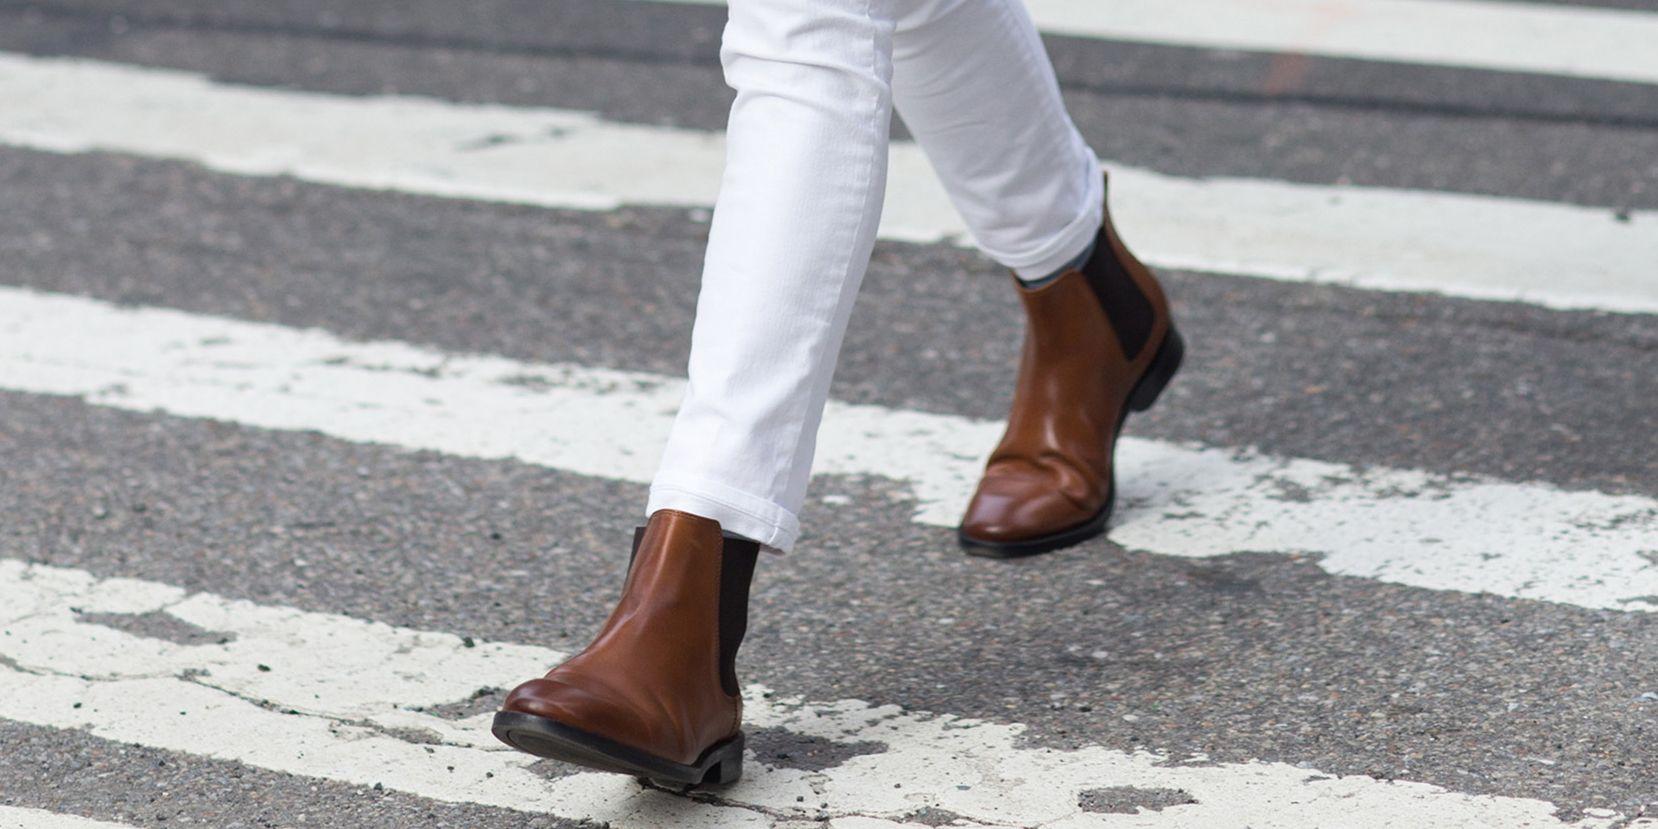 Stivaletti Uomo Chelsea Boots: come indossarli questo